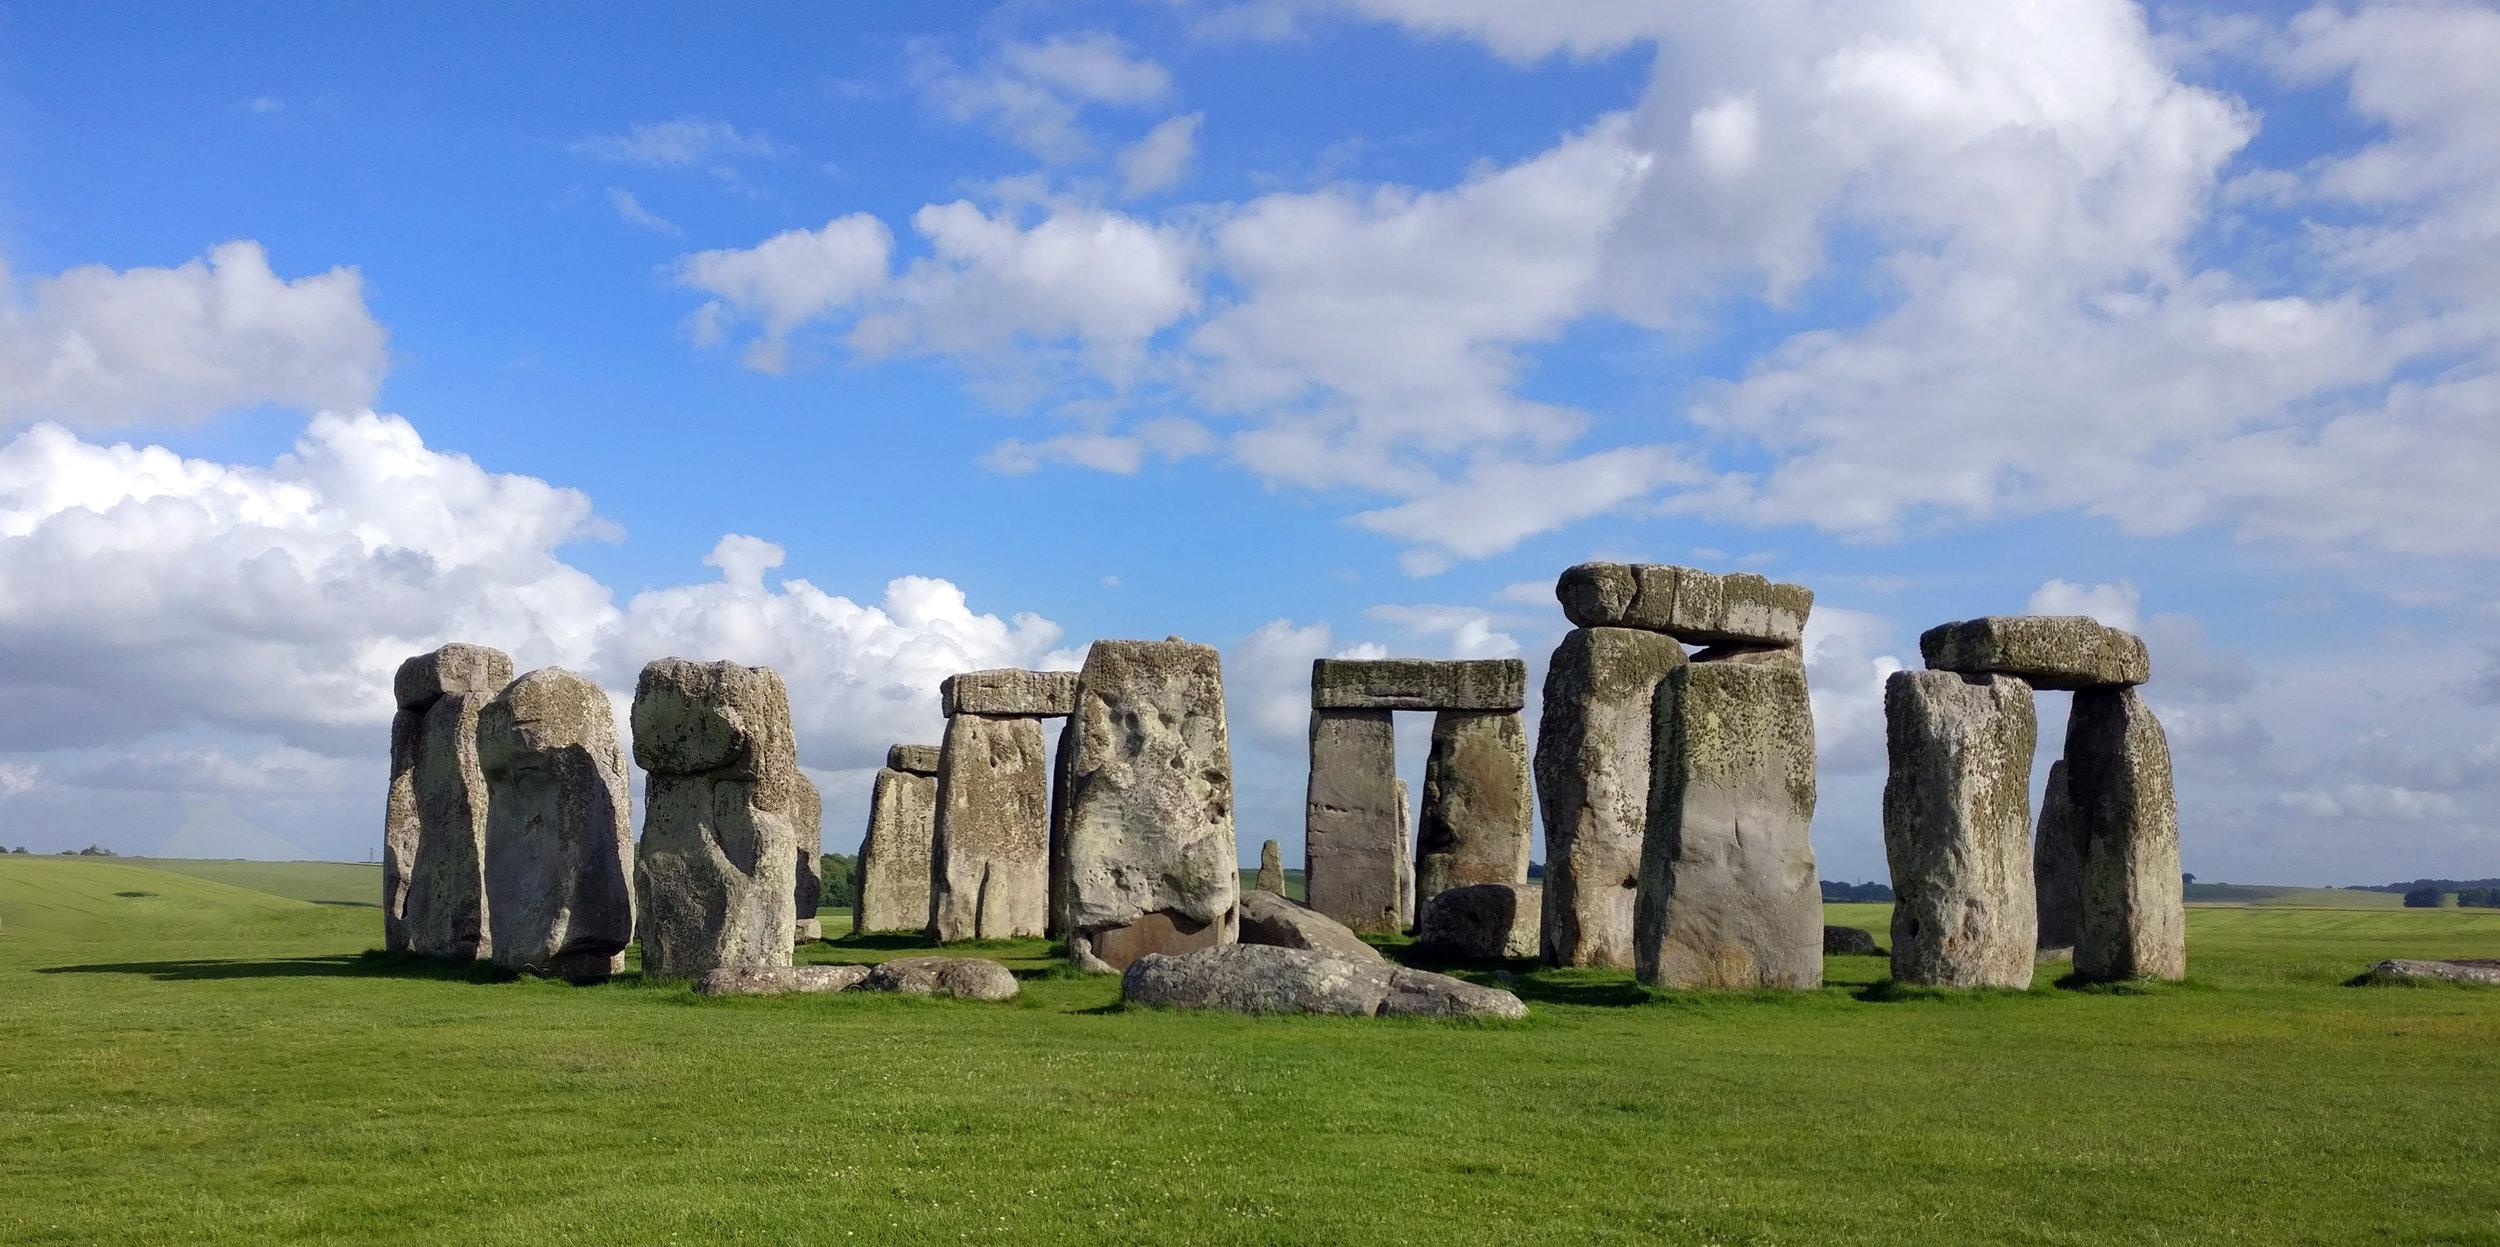 stone_henge_02.jpg